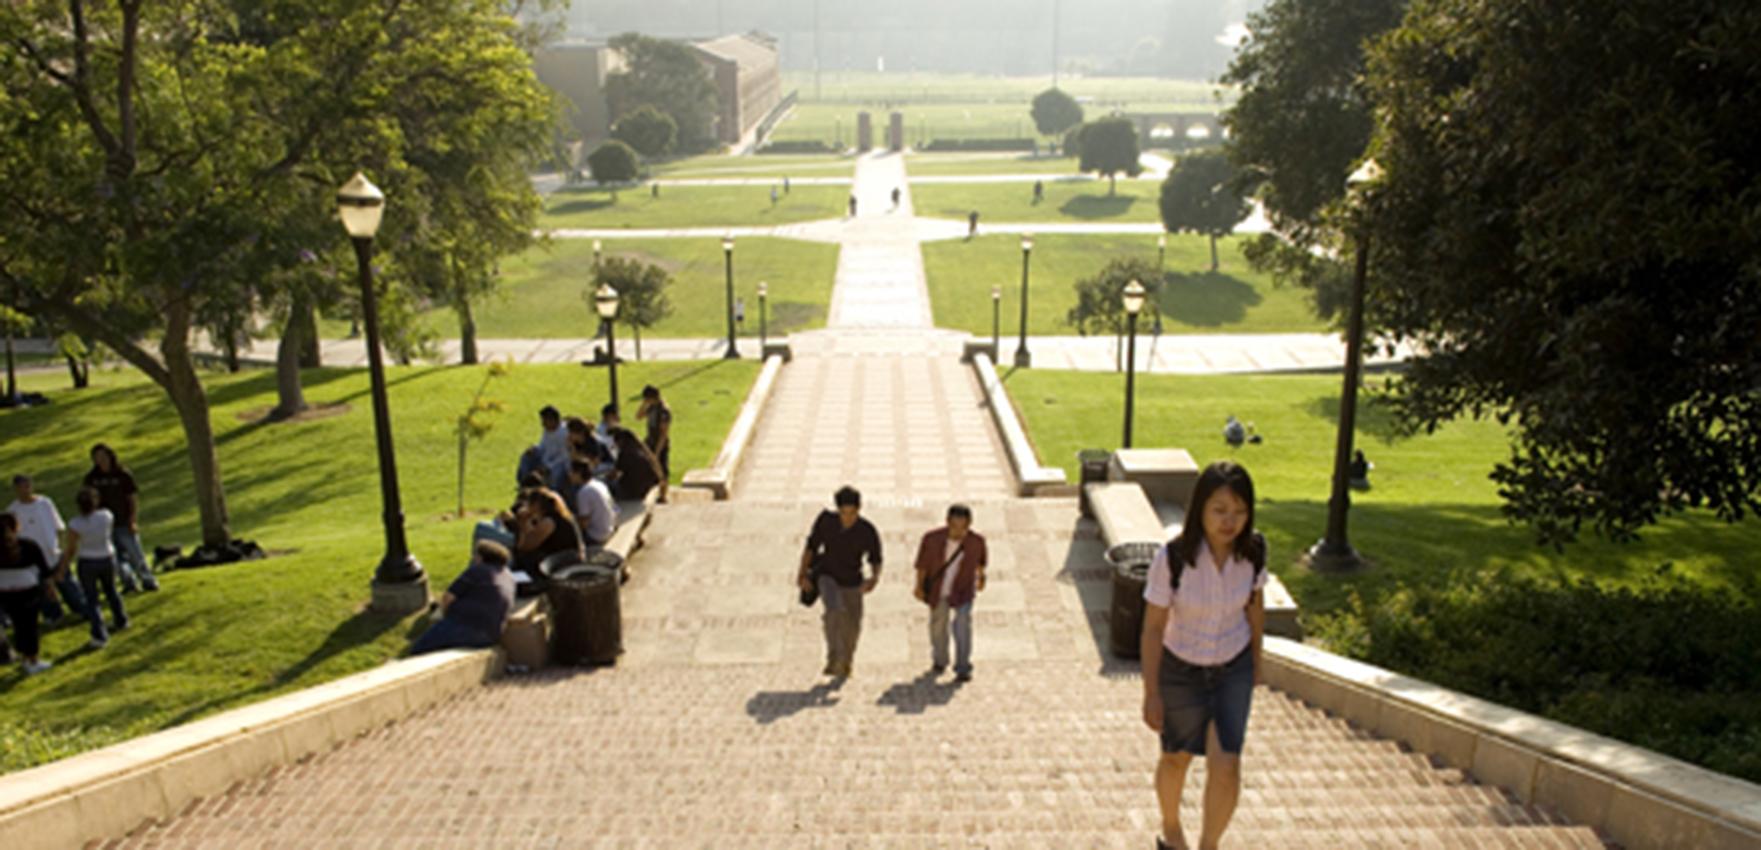 Cerca de 300 universitarios en cuarentena por sarampión en Los Ángeles. Foto con fines ilustrativos.